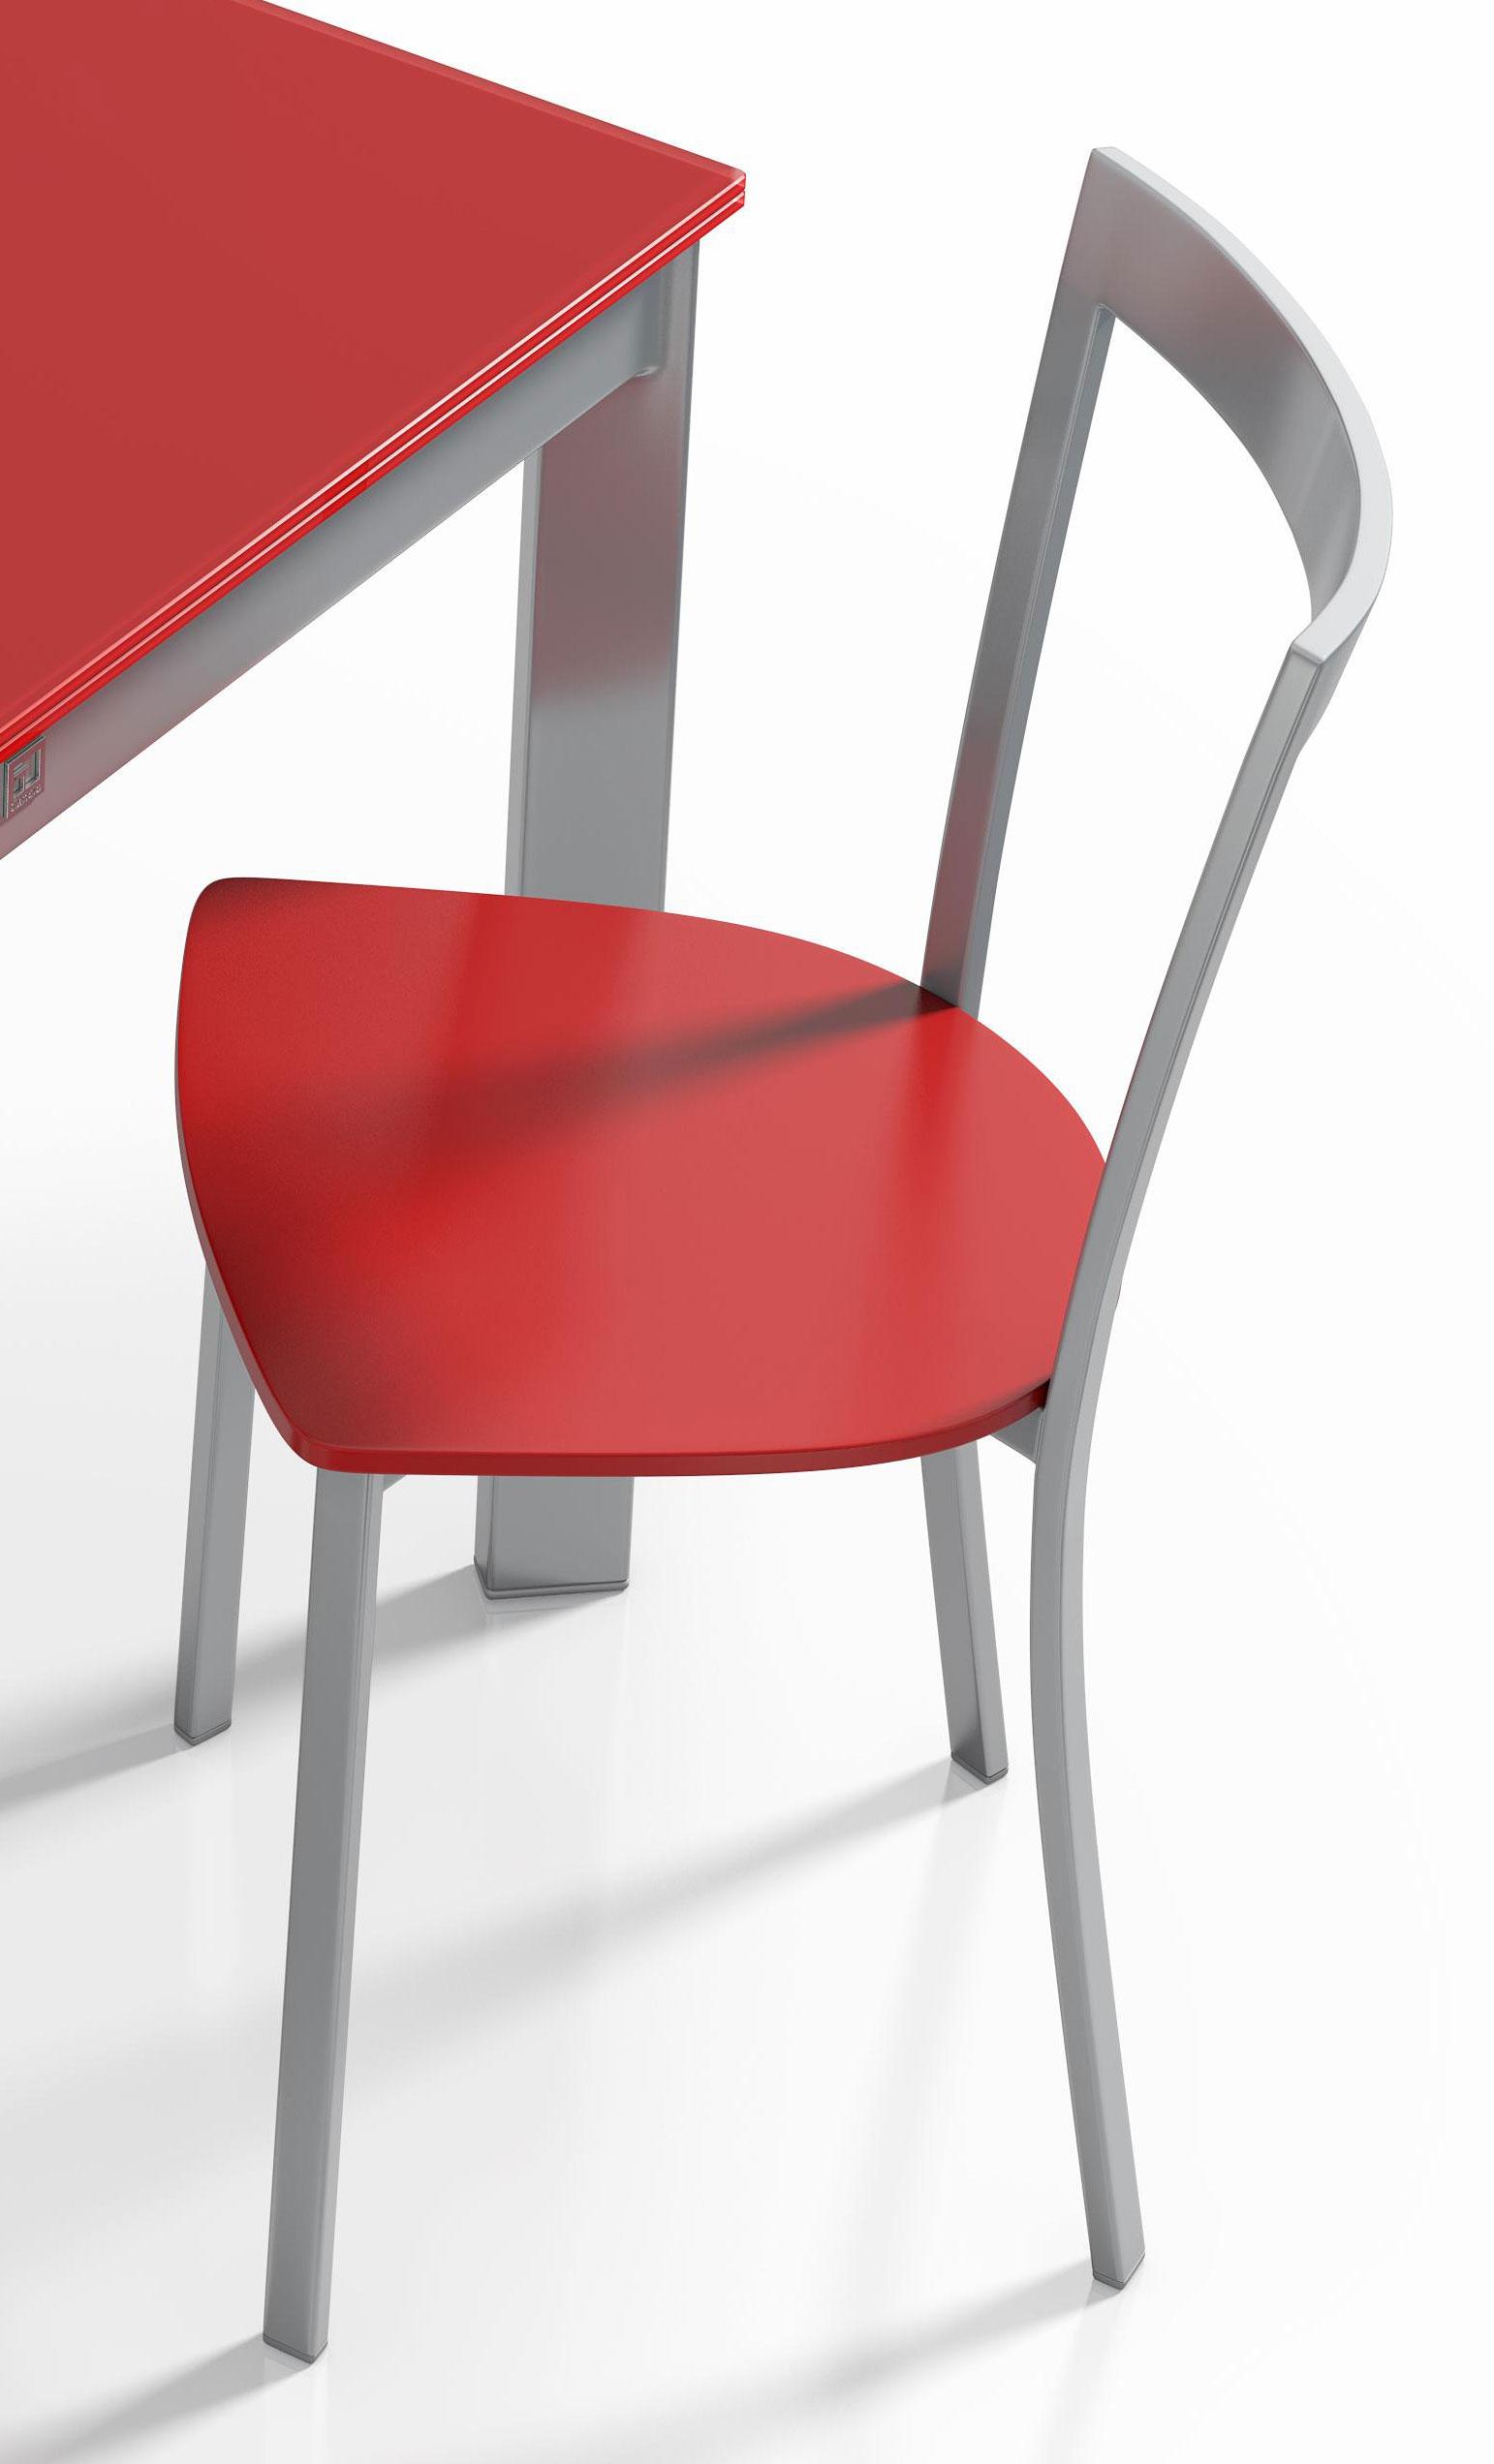 esstisch poker glas rot stahl von cancio m bel letz. Black Bedroom Furniture Sets. Home Design Ideas